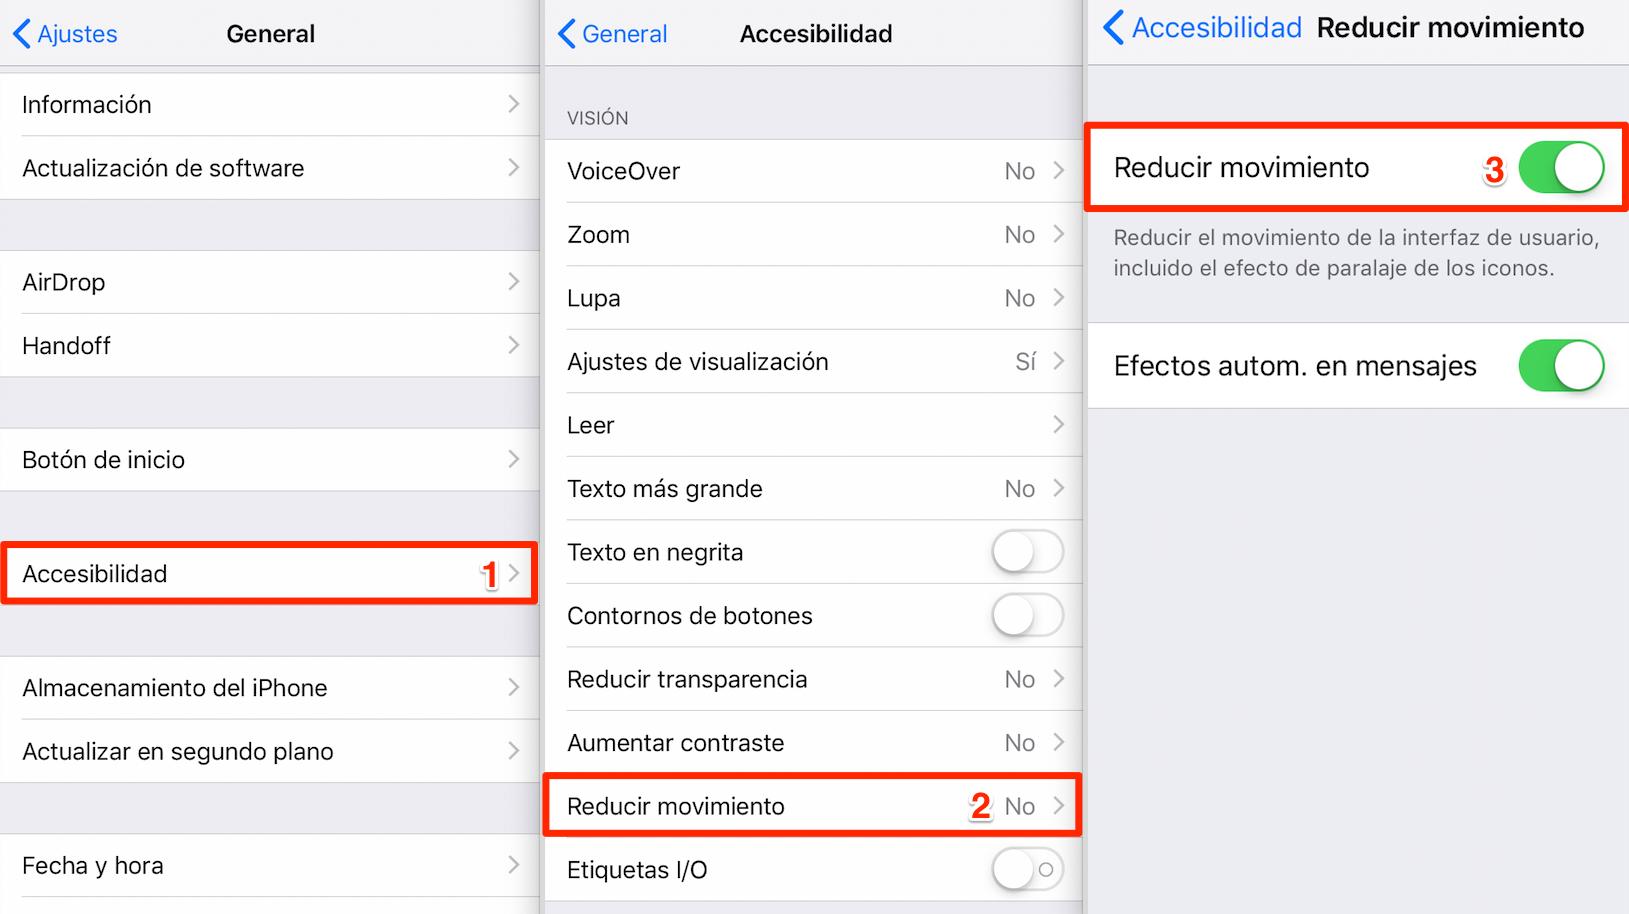 Cómo cuidar la batería del iPhone – Reducir movimiento